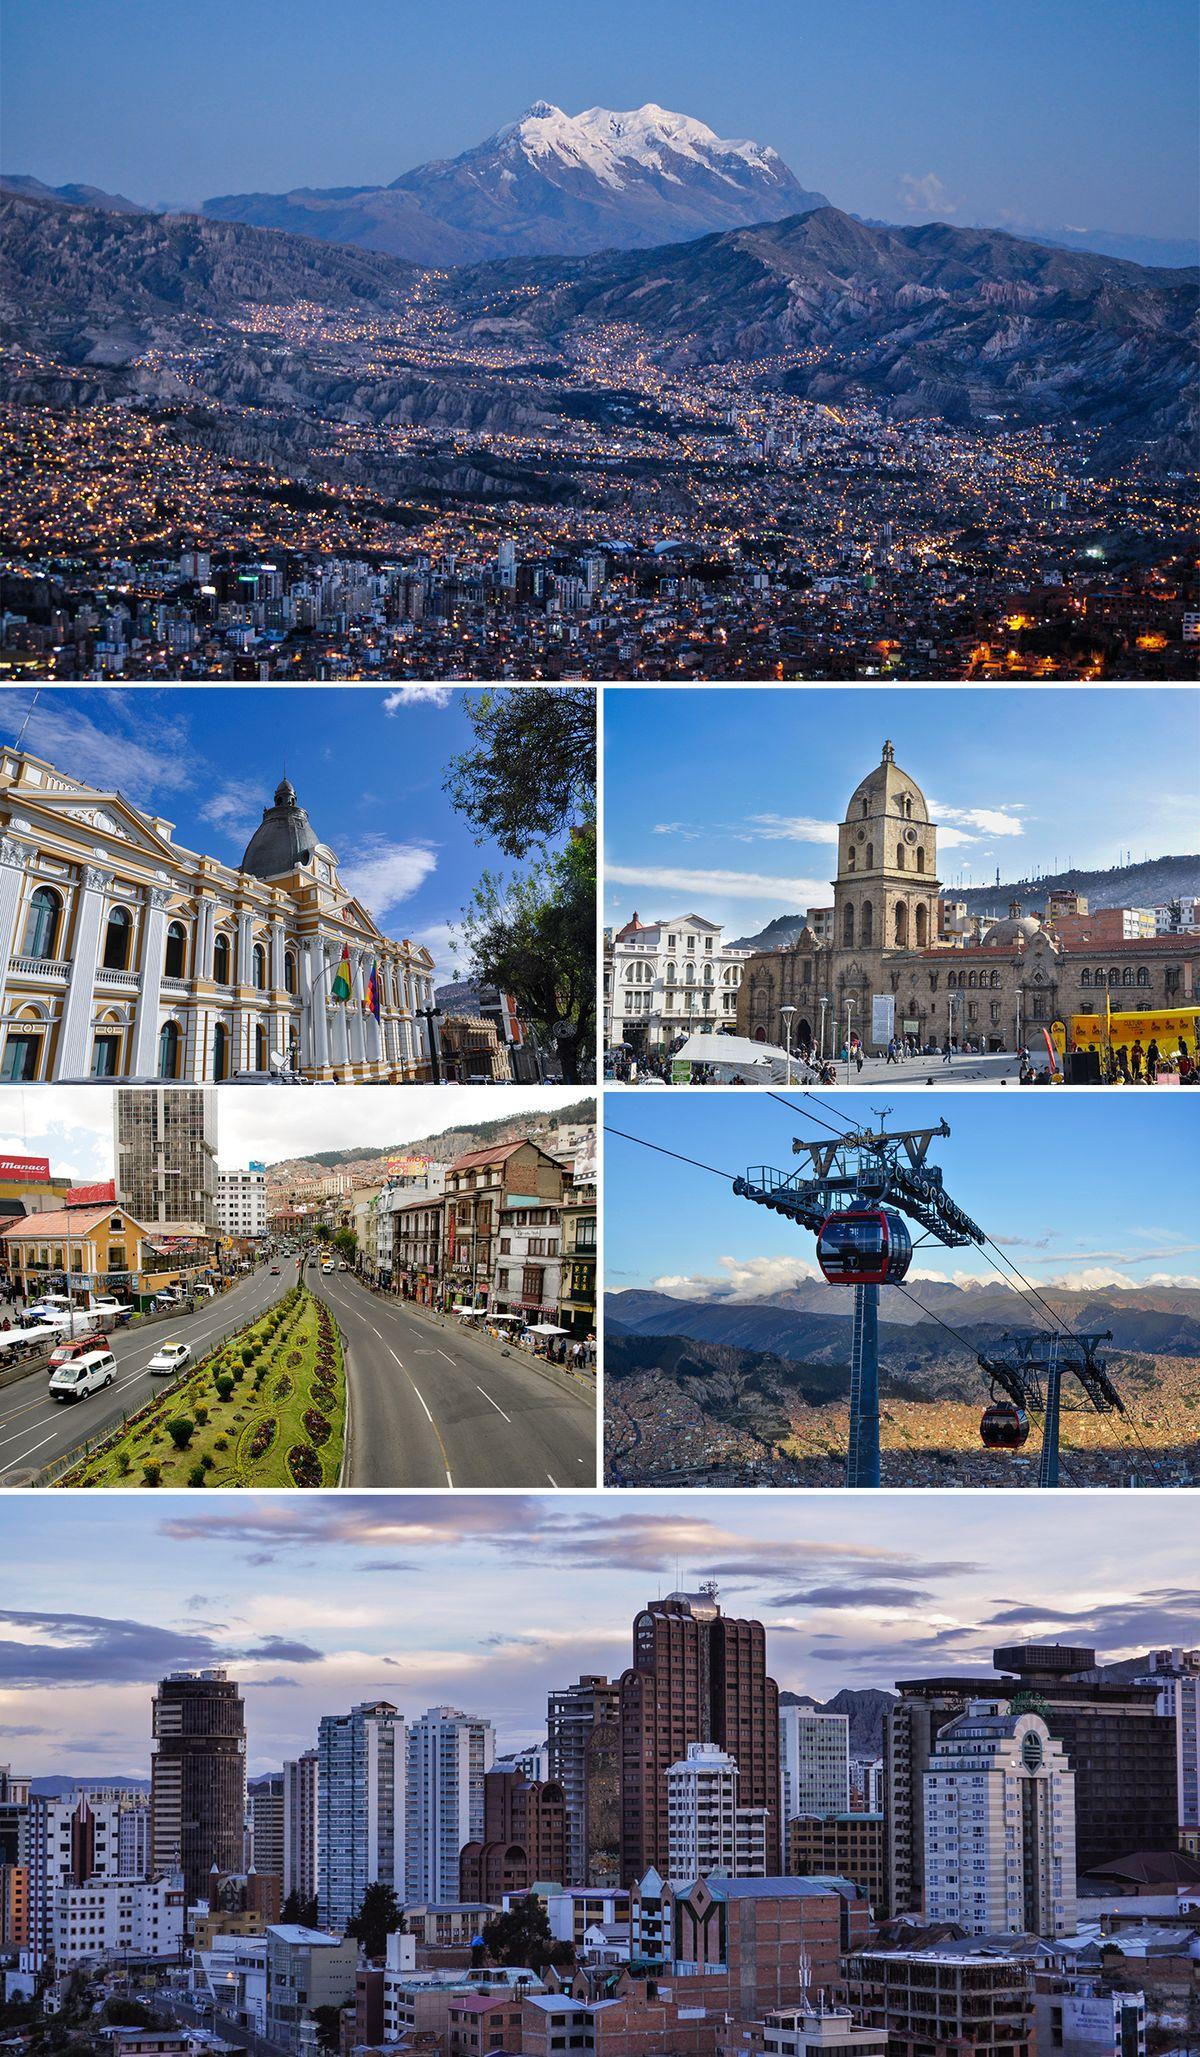 La ciudad de la Paz en Bolivia que se encuentra aaltitud mayor de 3500 metros.